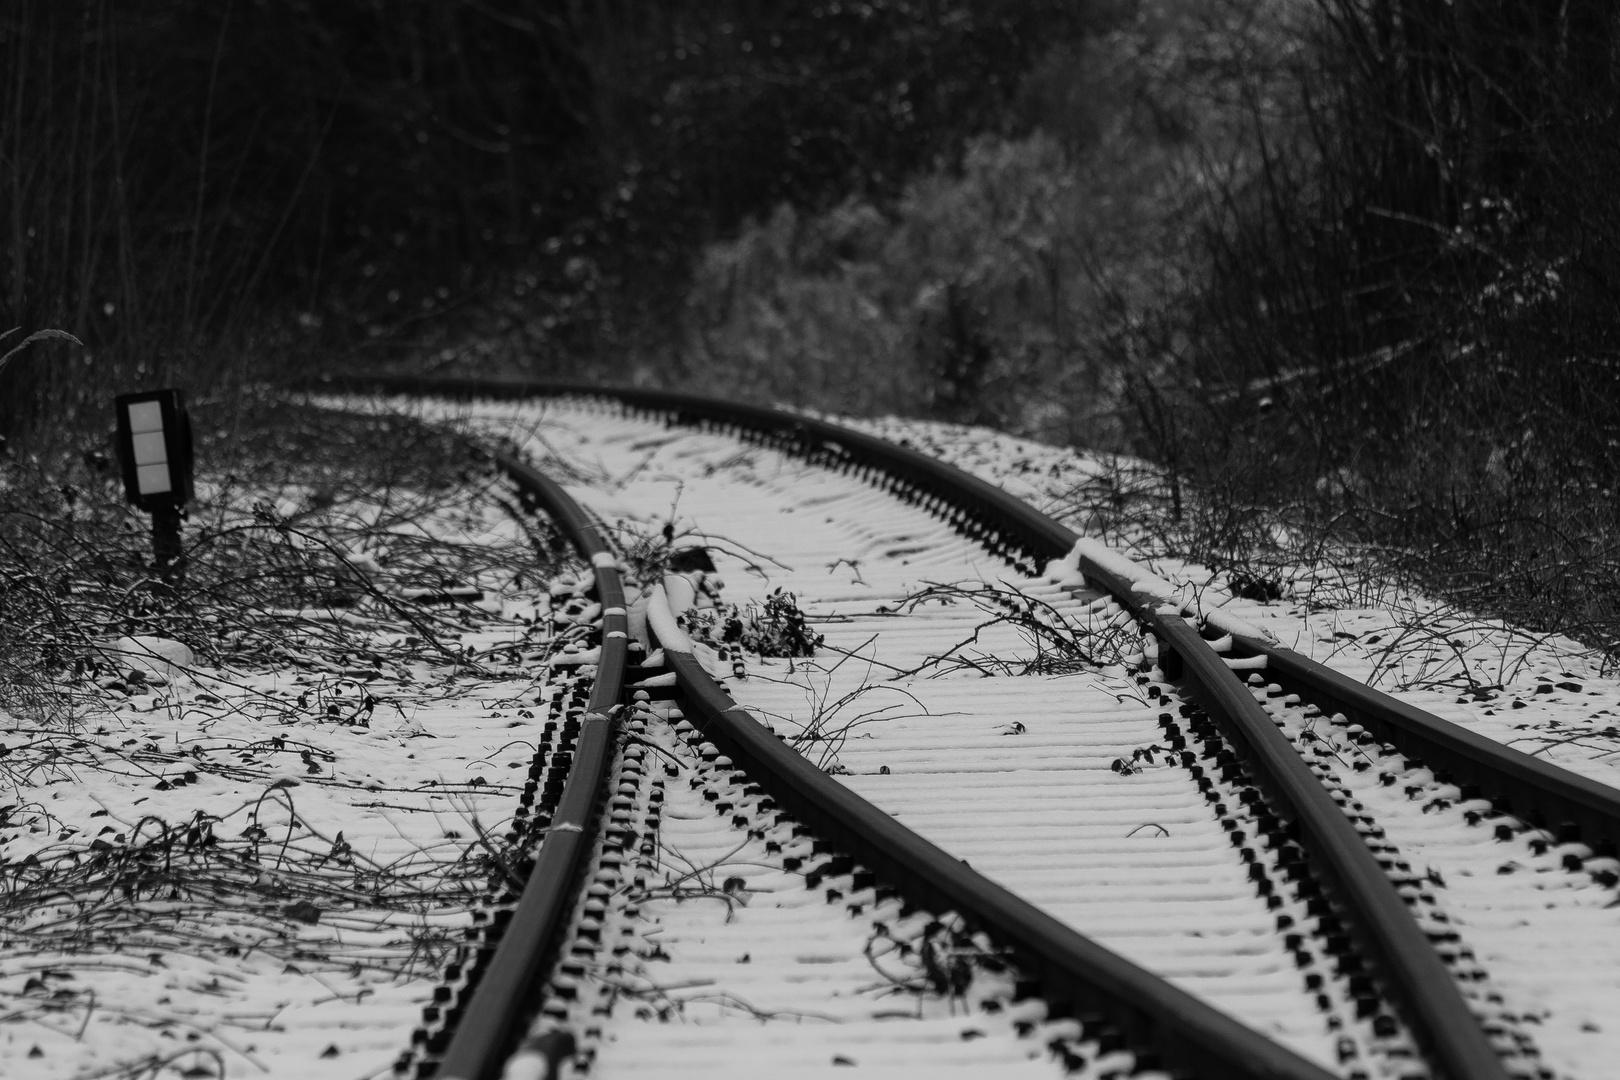 Forgotten rails